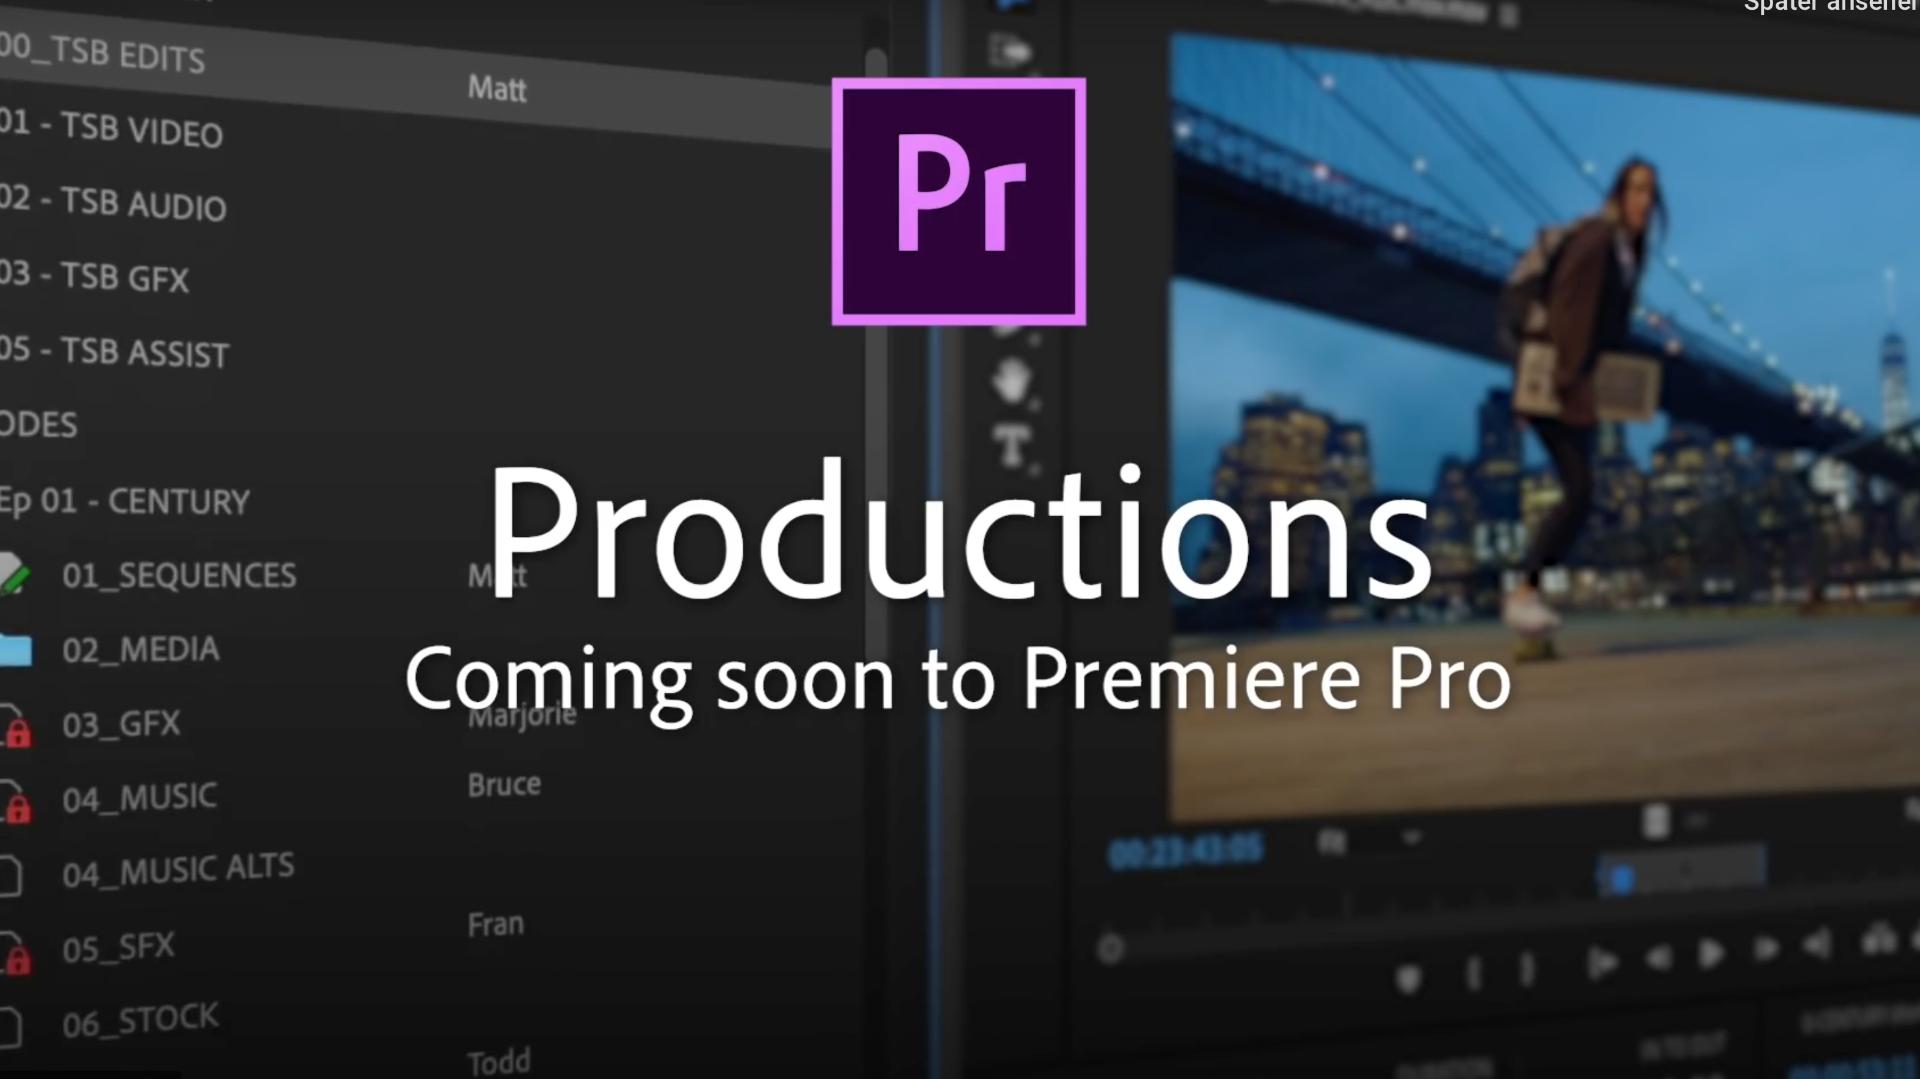 Próximamente nuevo Panel de Producciones en Adobe Premiere Pro